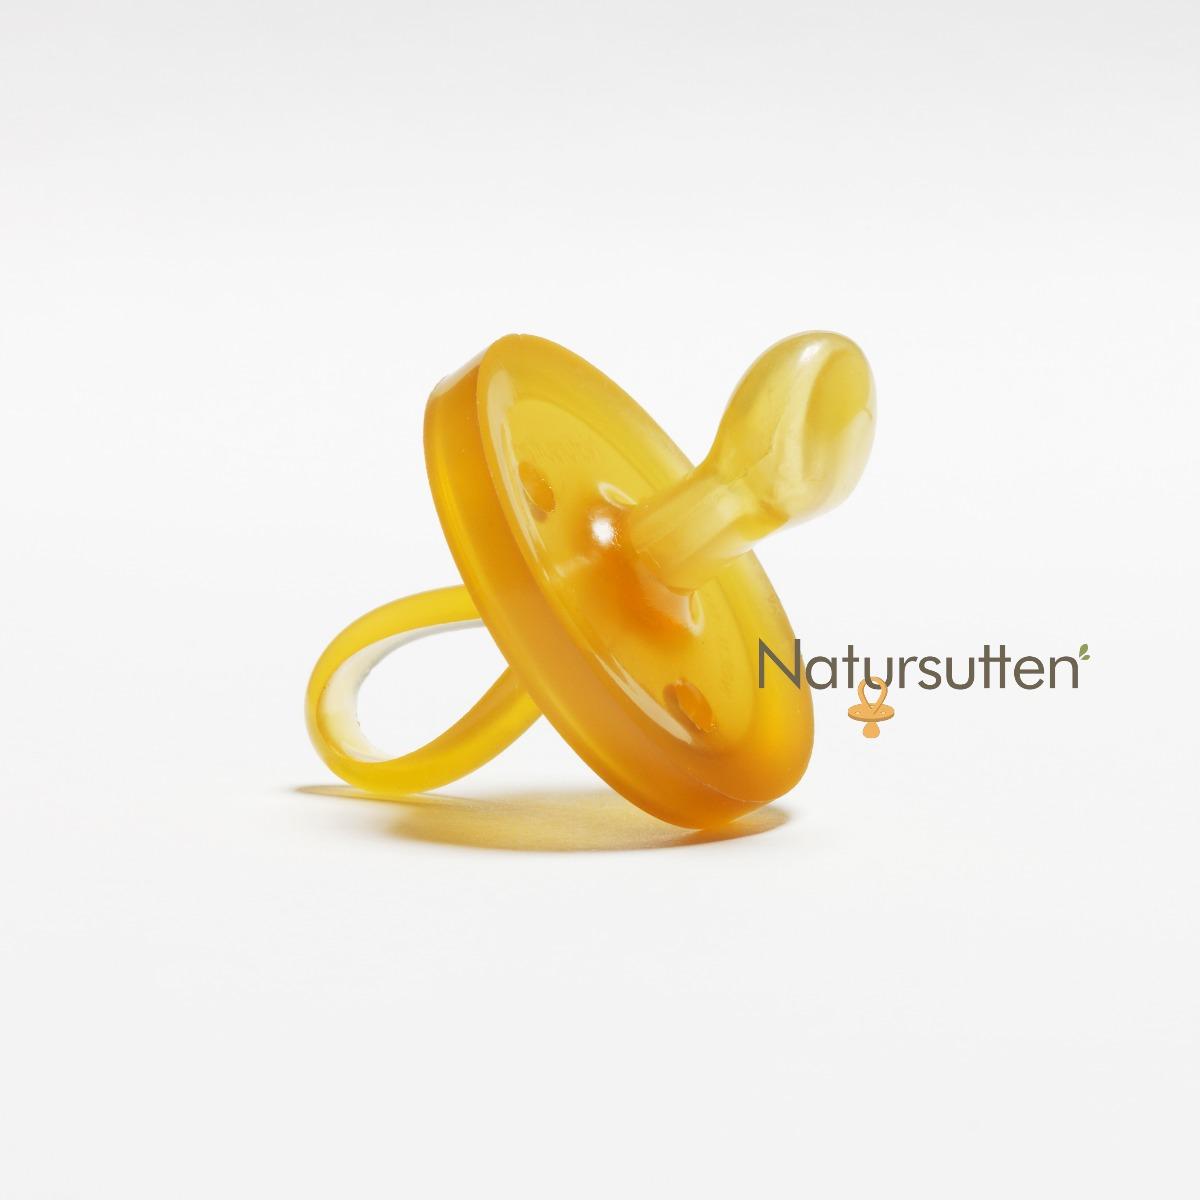 Natursutten Natural Orthodontic Rubber Pacifier 12M+ - Original Shape